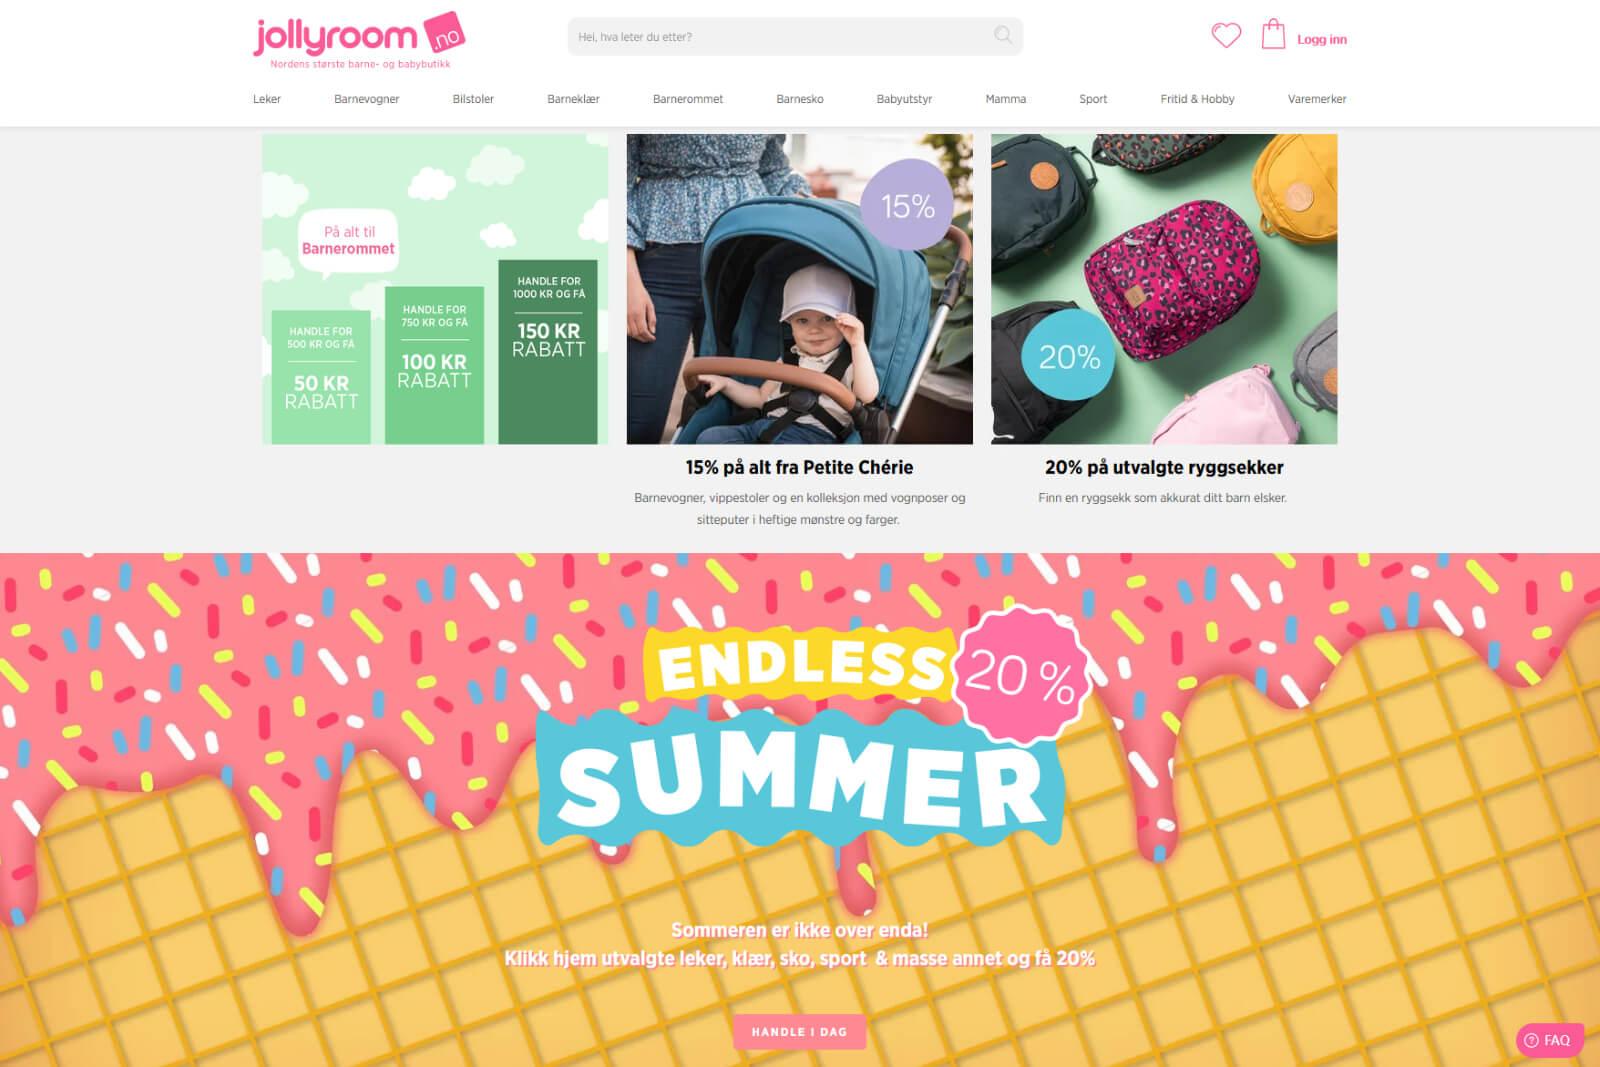 Jollyroom nettbutikk